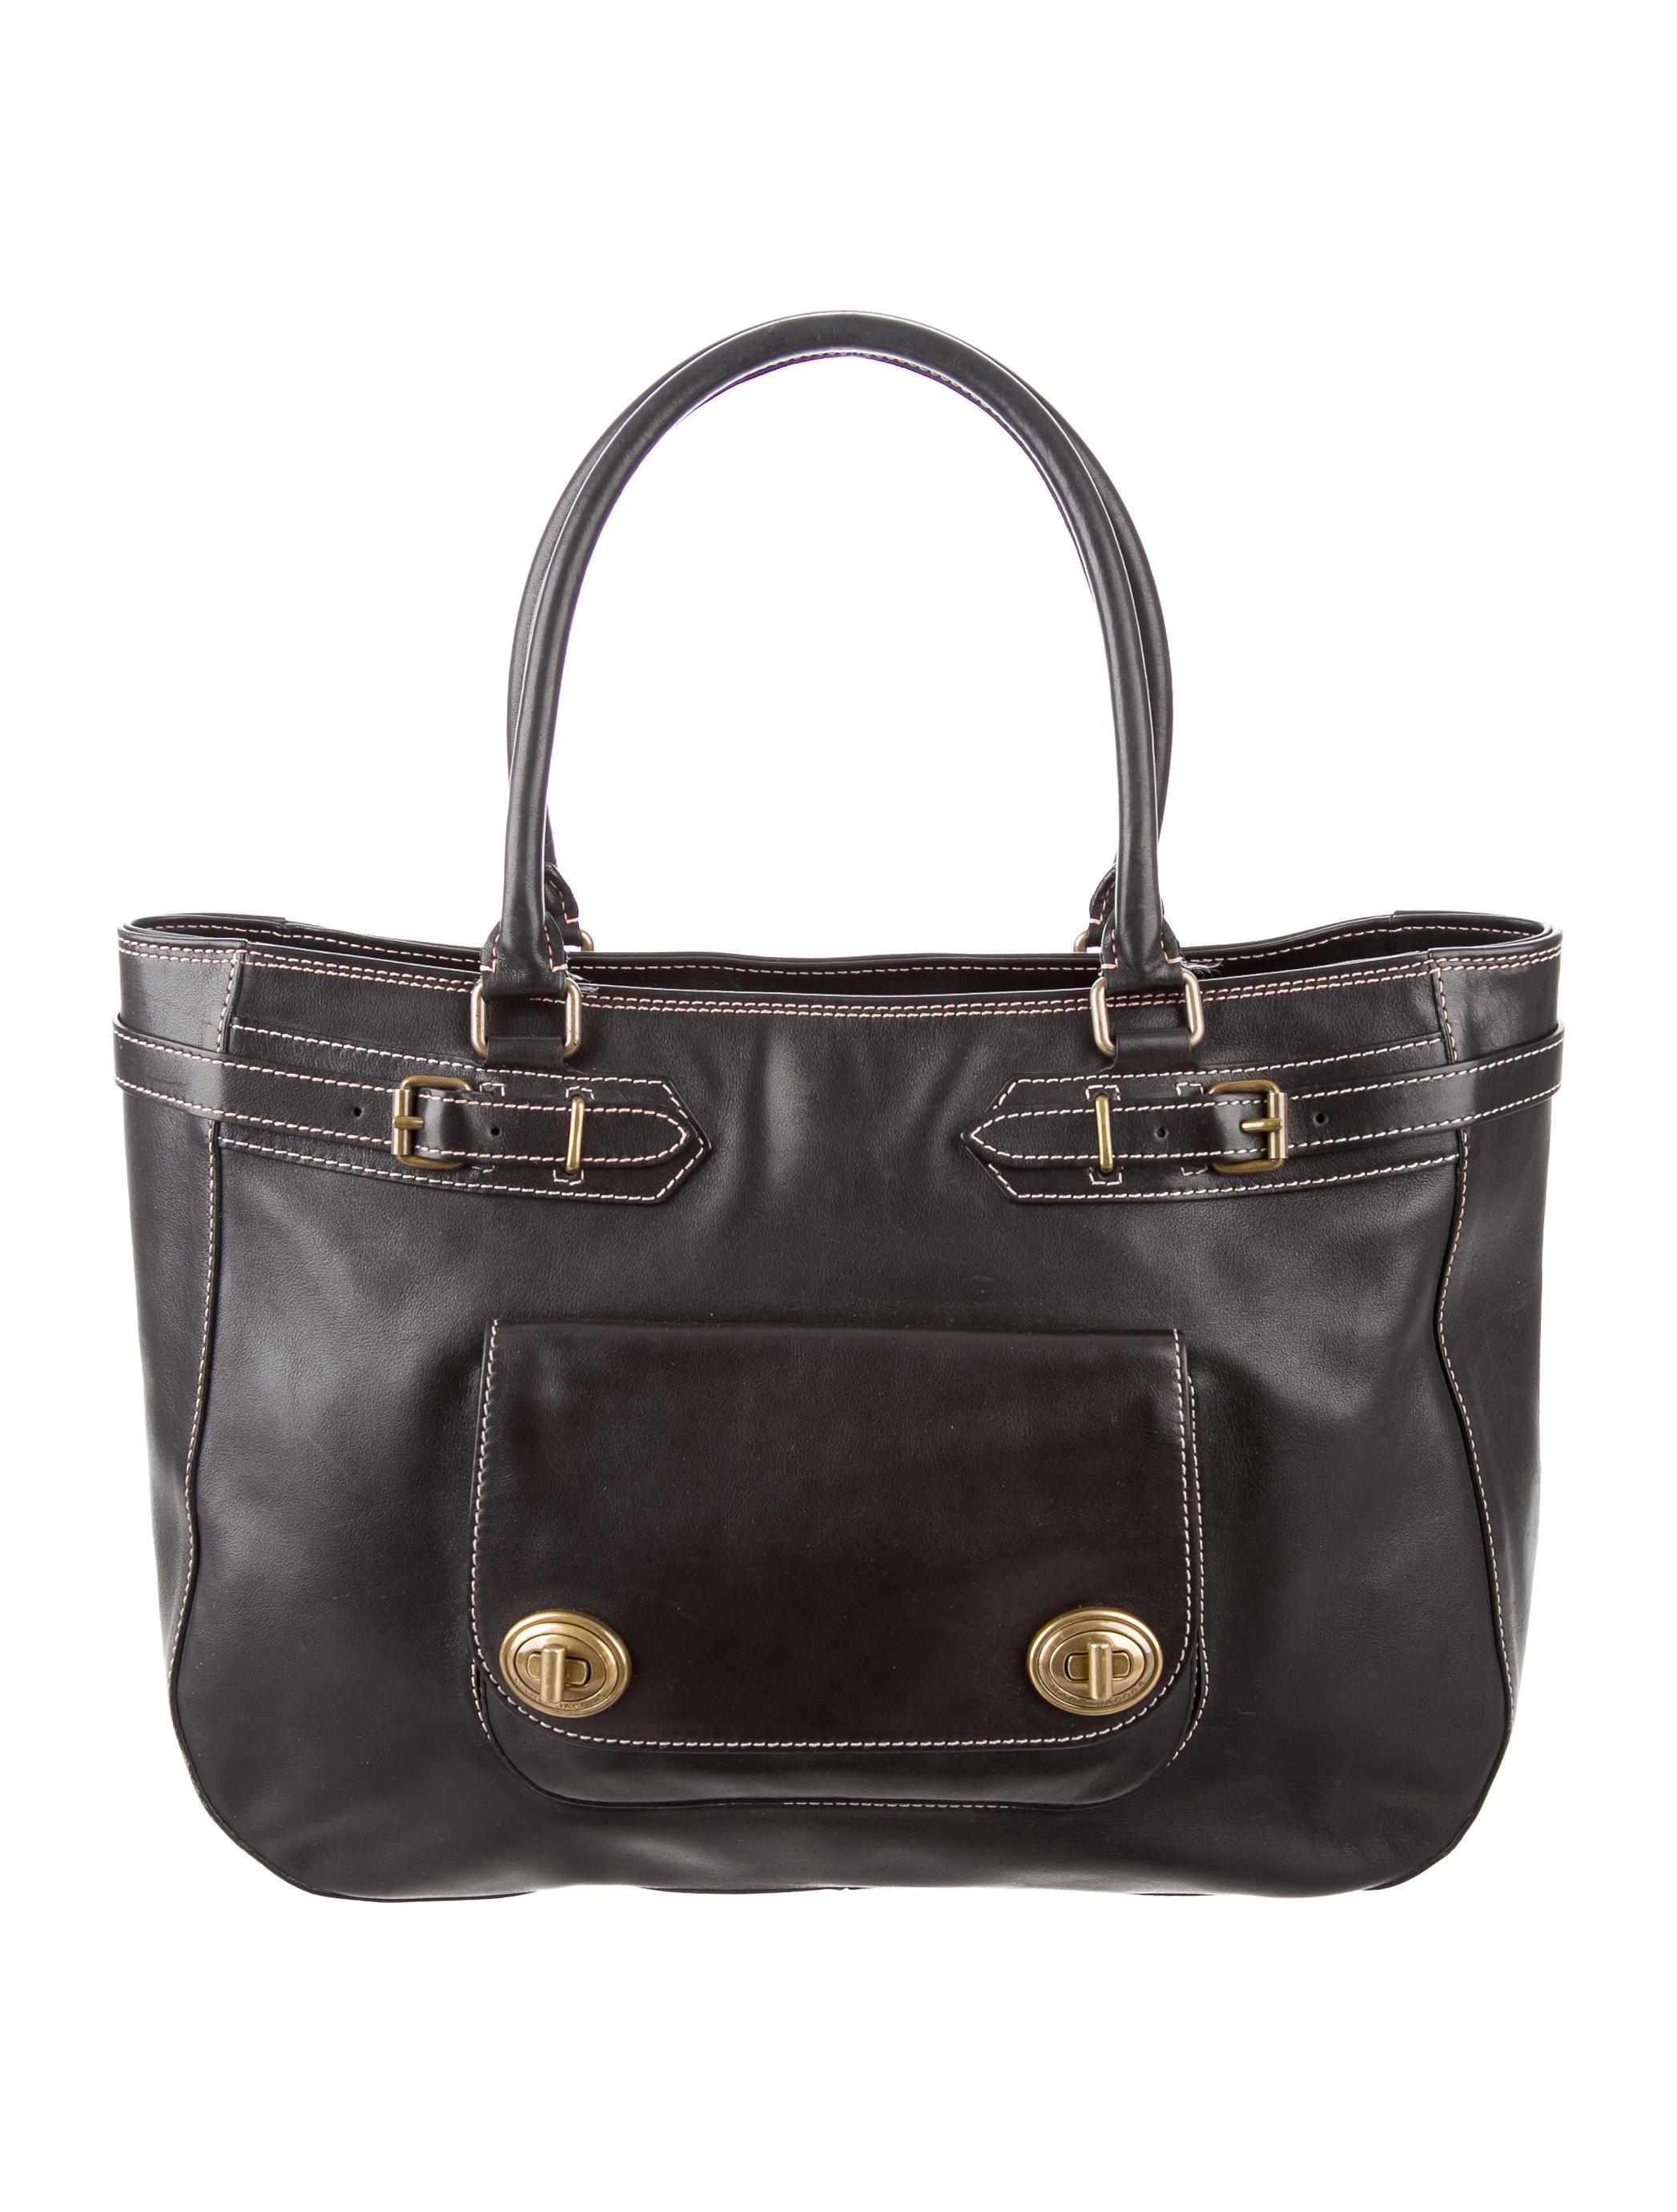 Marc Jacobs Leather Shoulder Bag Handbags Mar46977